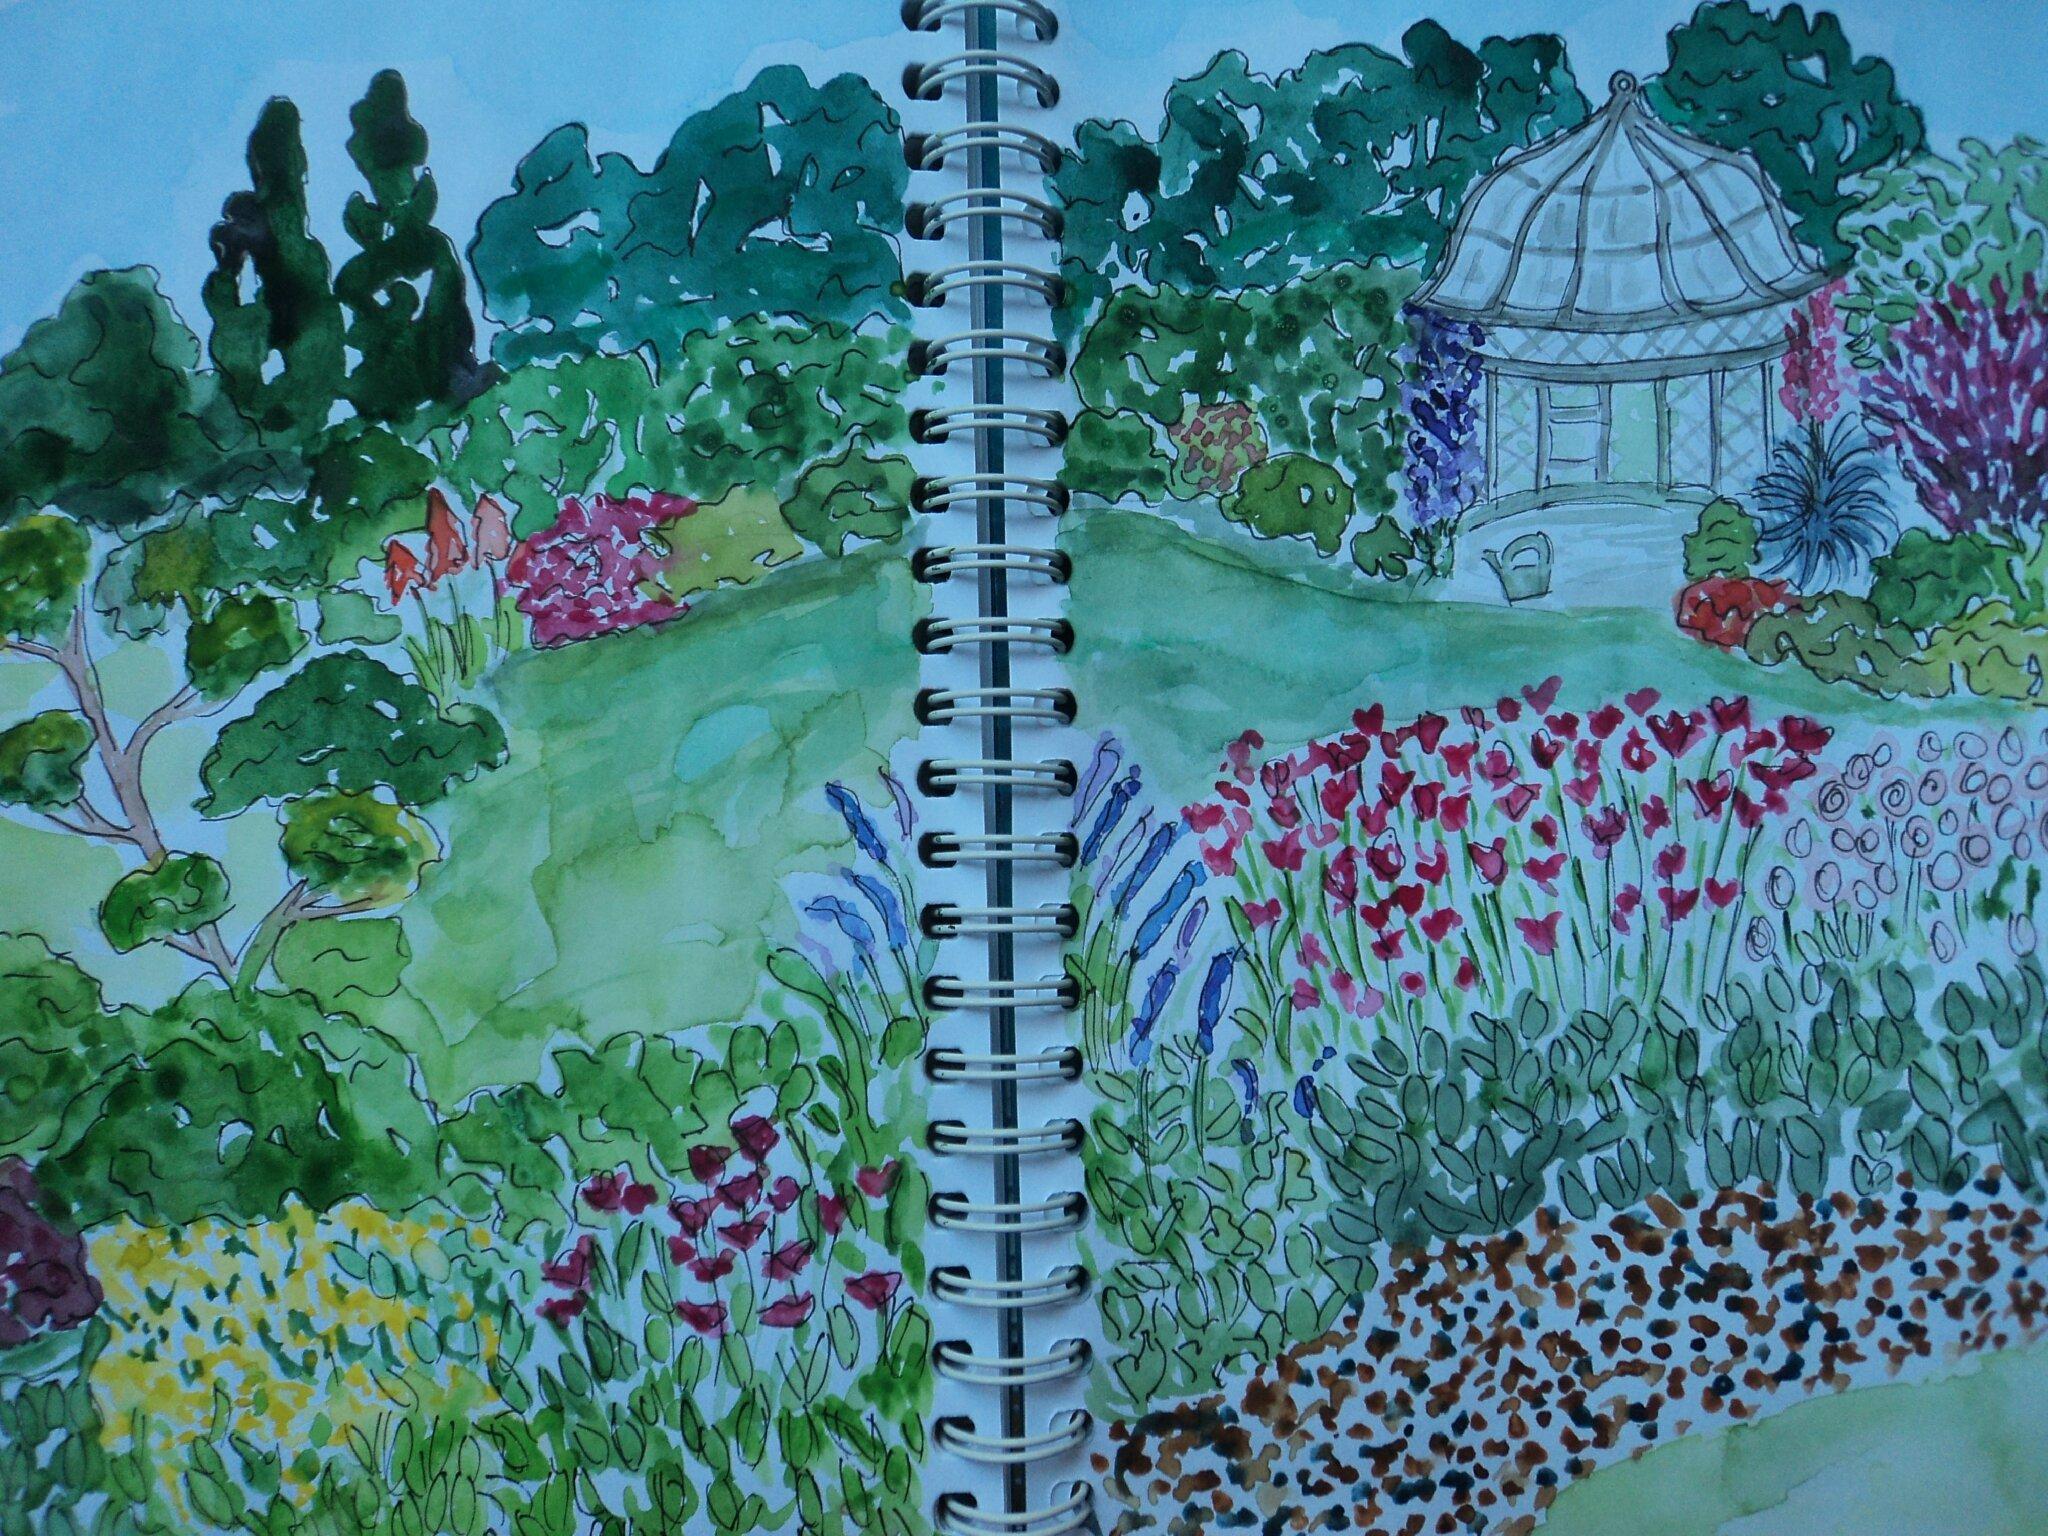 Promenade dans les jardins imaginaires le ptit monde de for Le jardin imaginaire